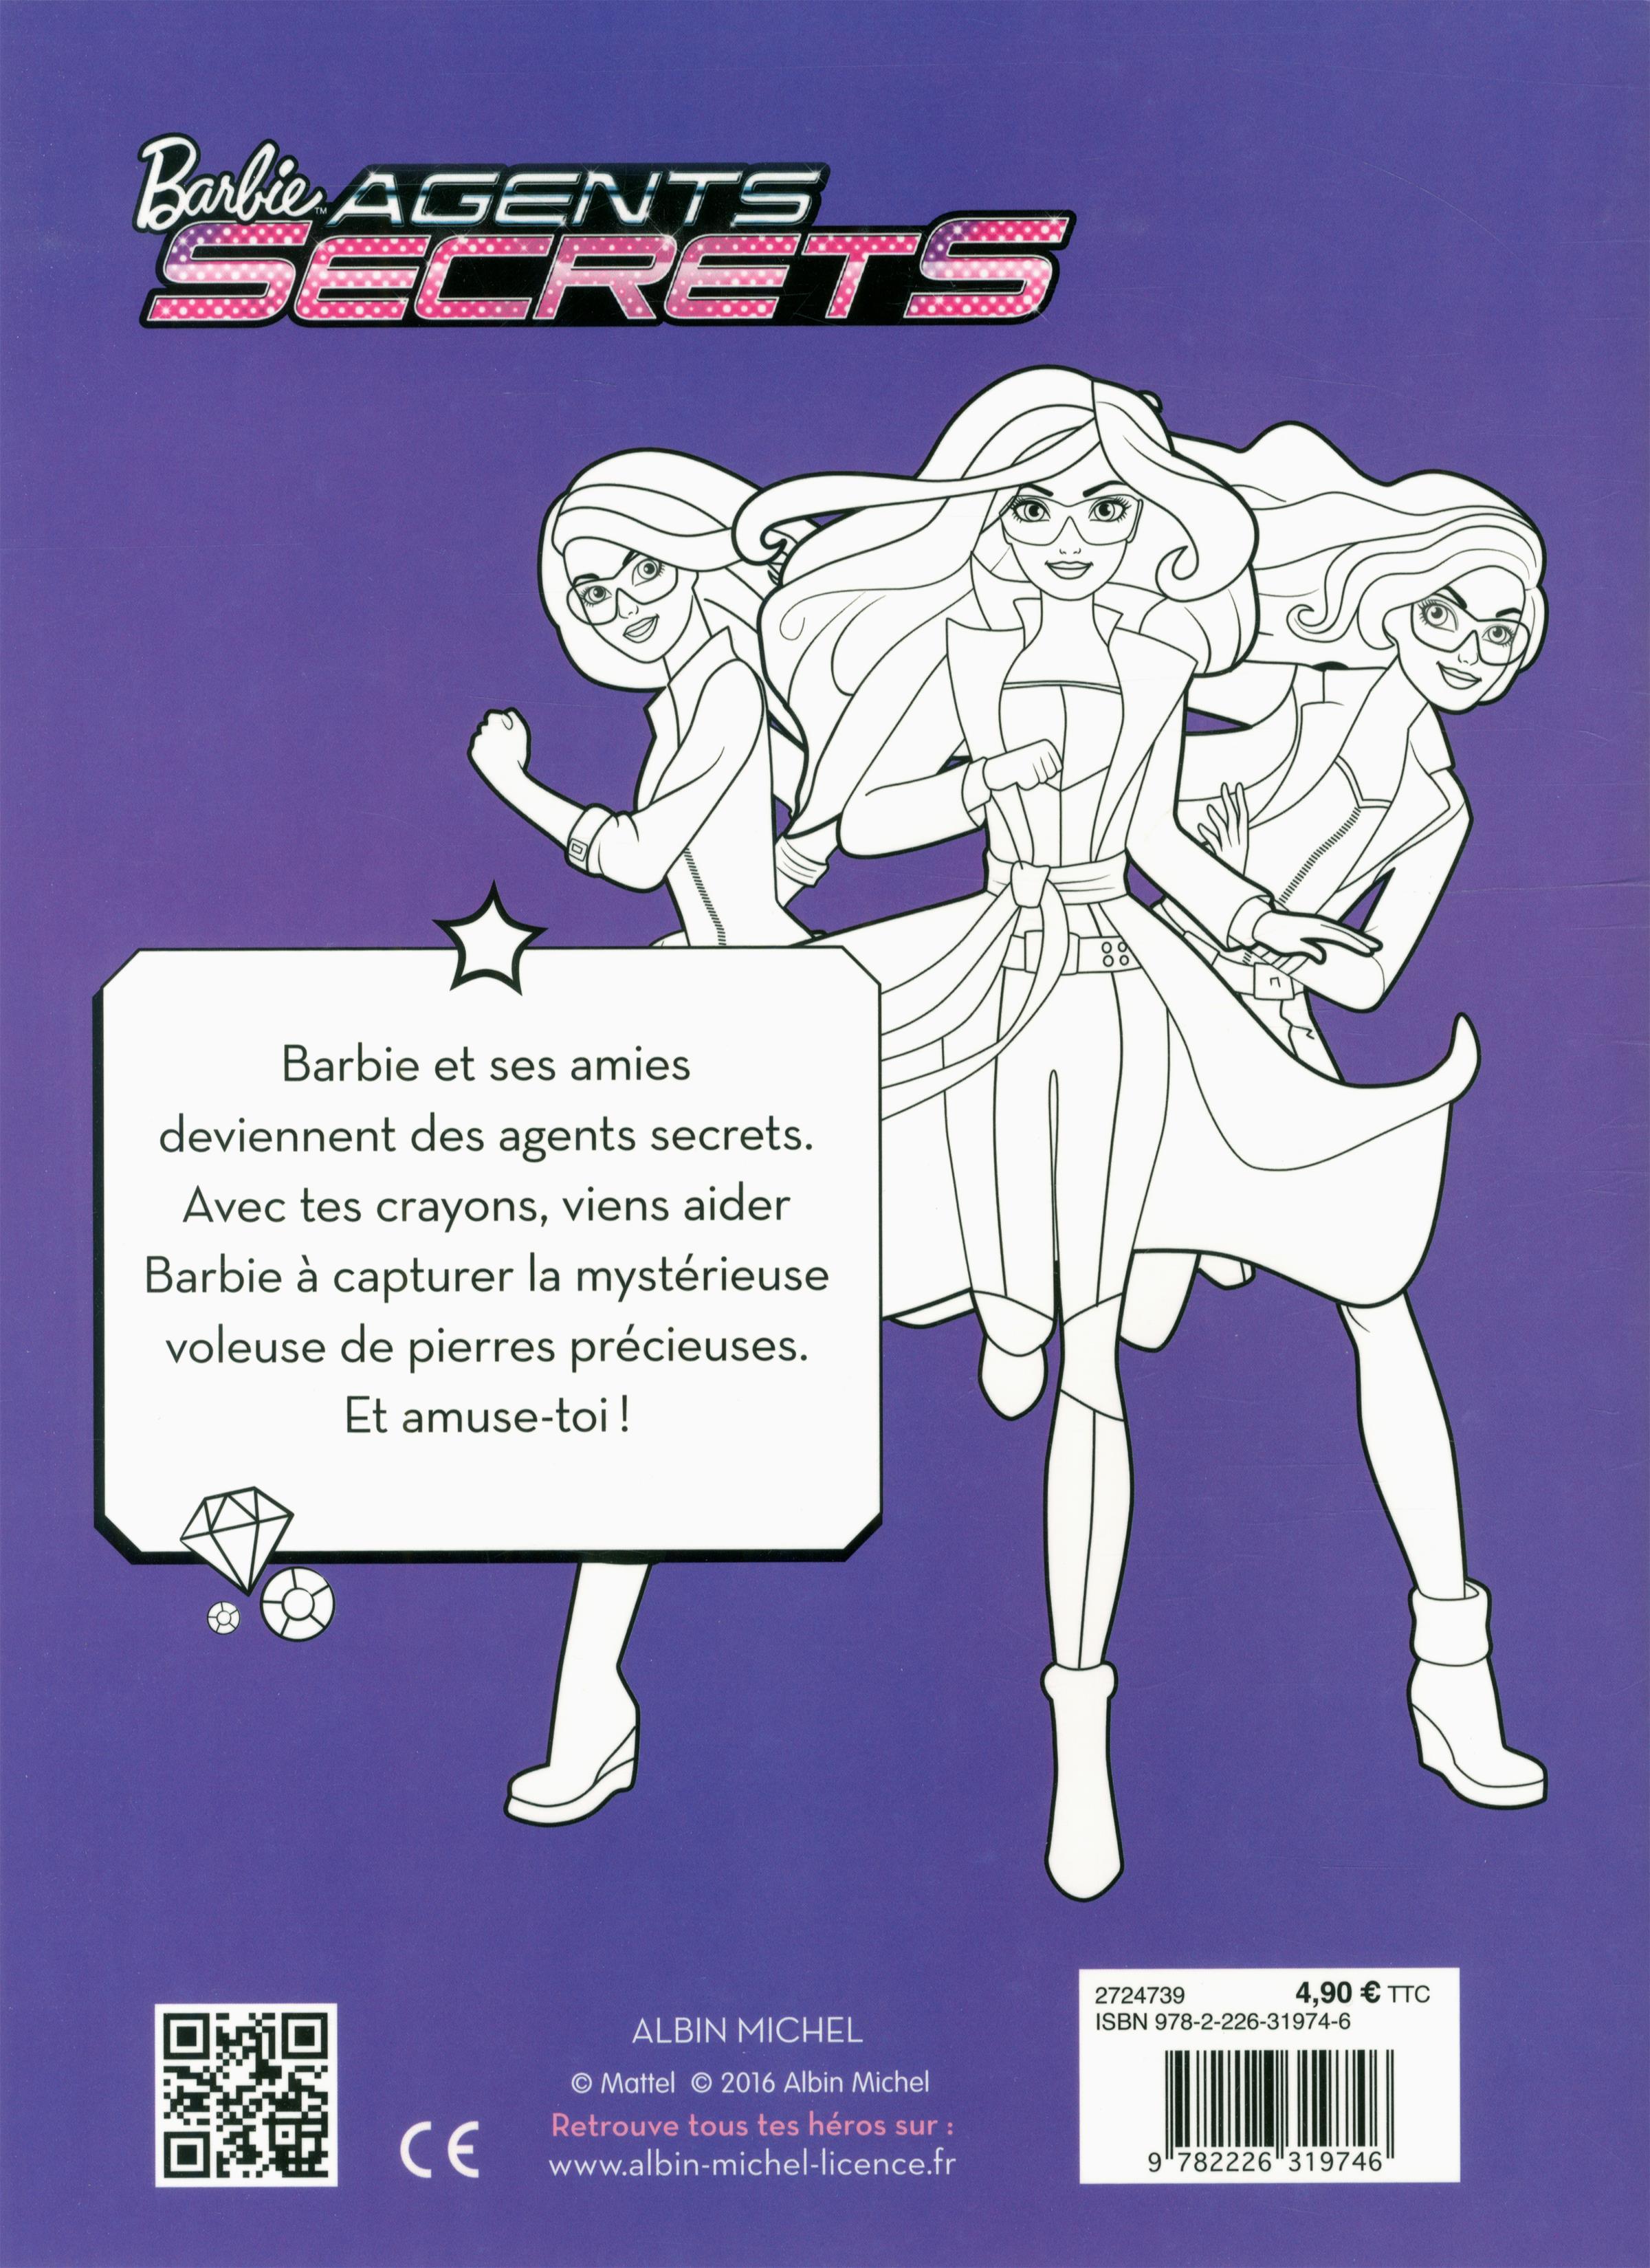 Impressionnant Dessin A Imprimer Barbie Agent Secret